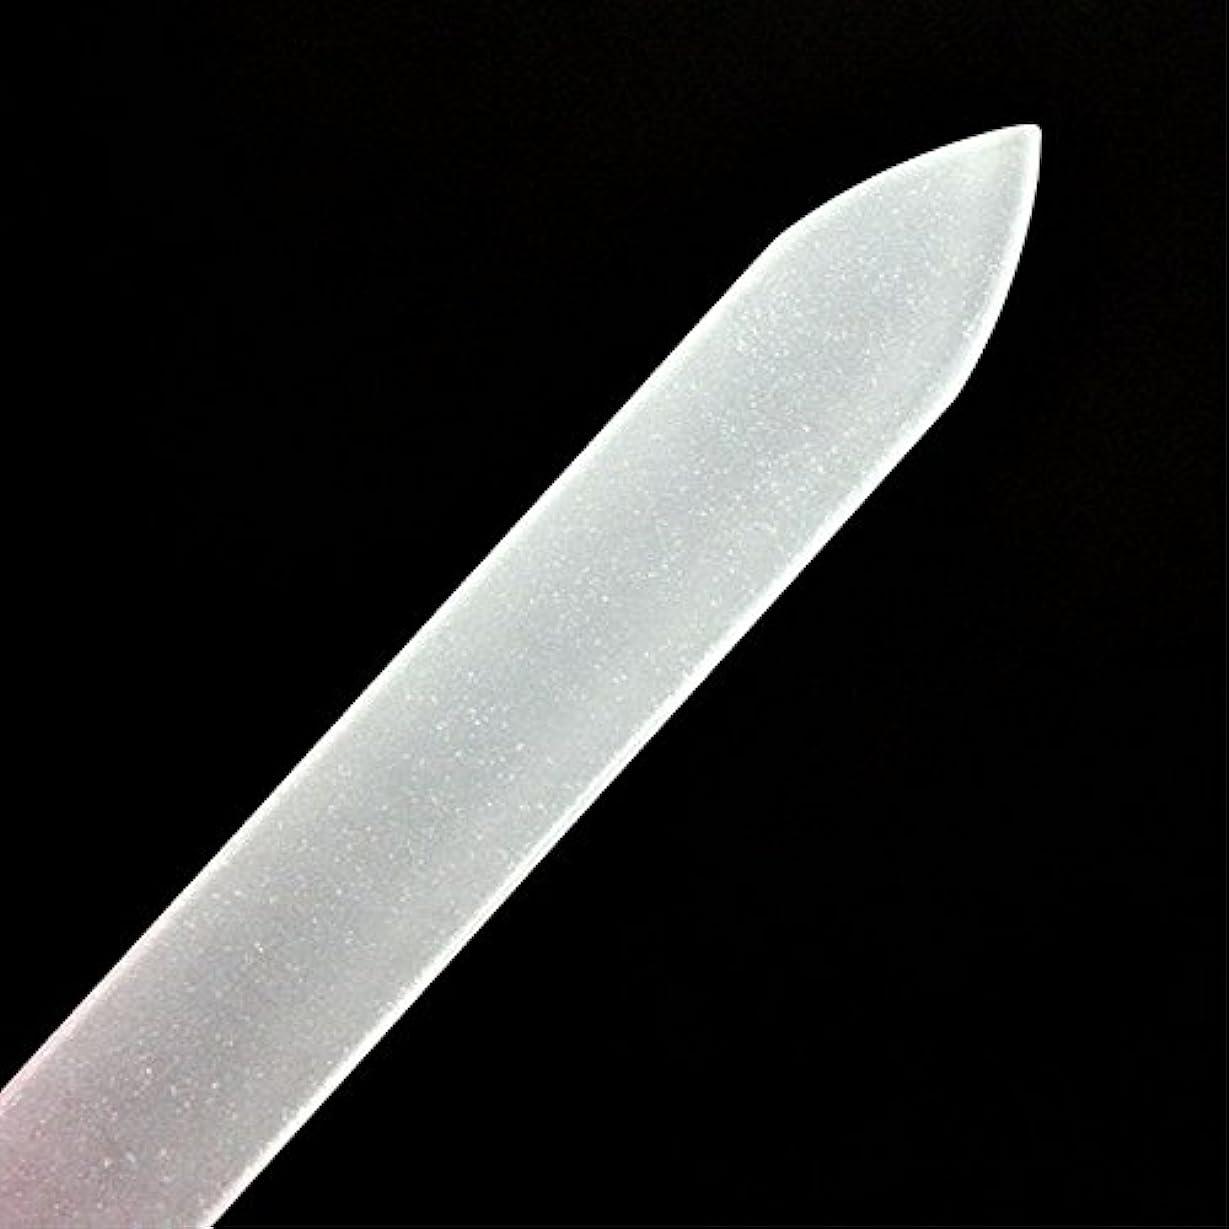 できる悪化する希少性爪磨き つめみがき ネイルケア 爪やすり 用品ガラス製爪ヤスリ ガラス製 ケース付 つめやすり甘皮 ケア